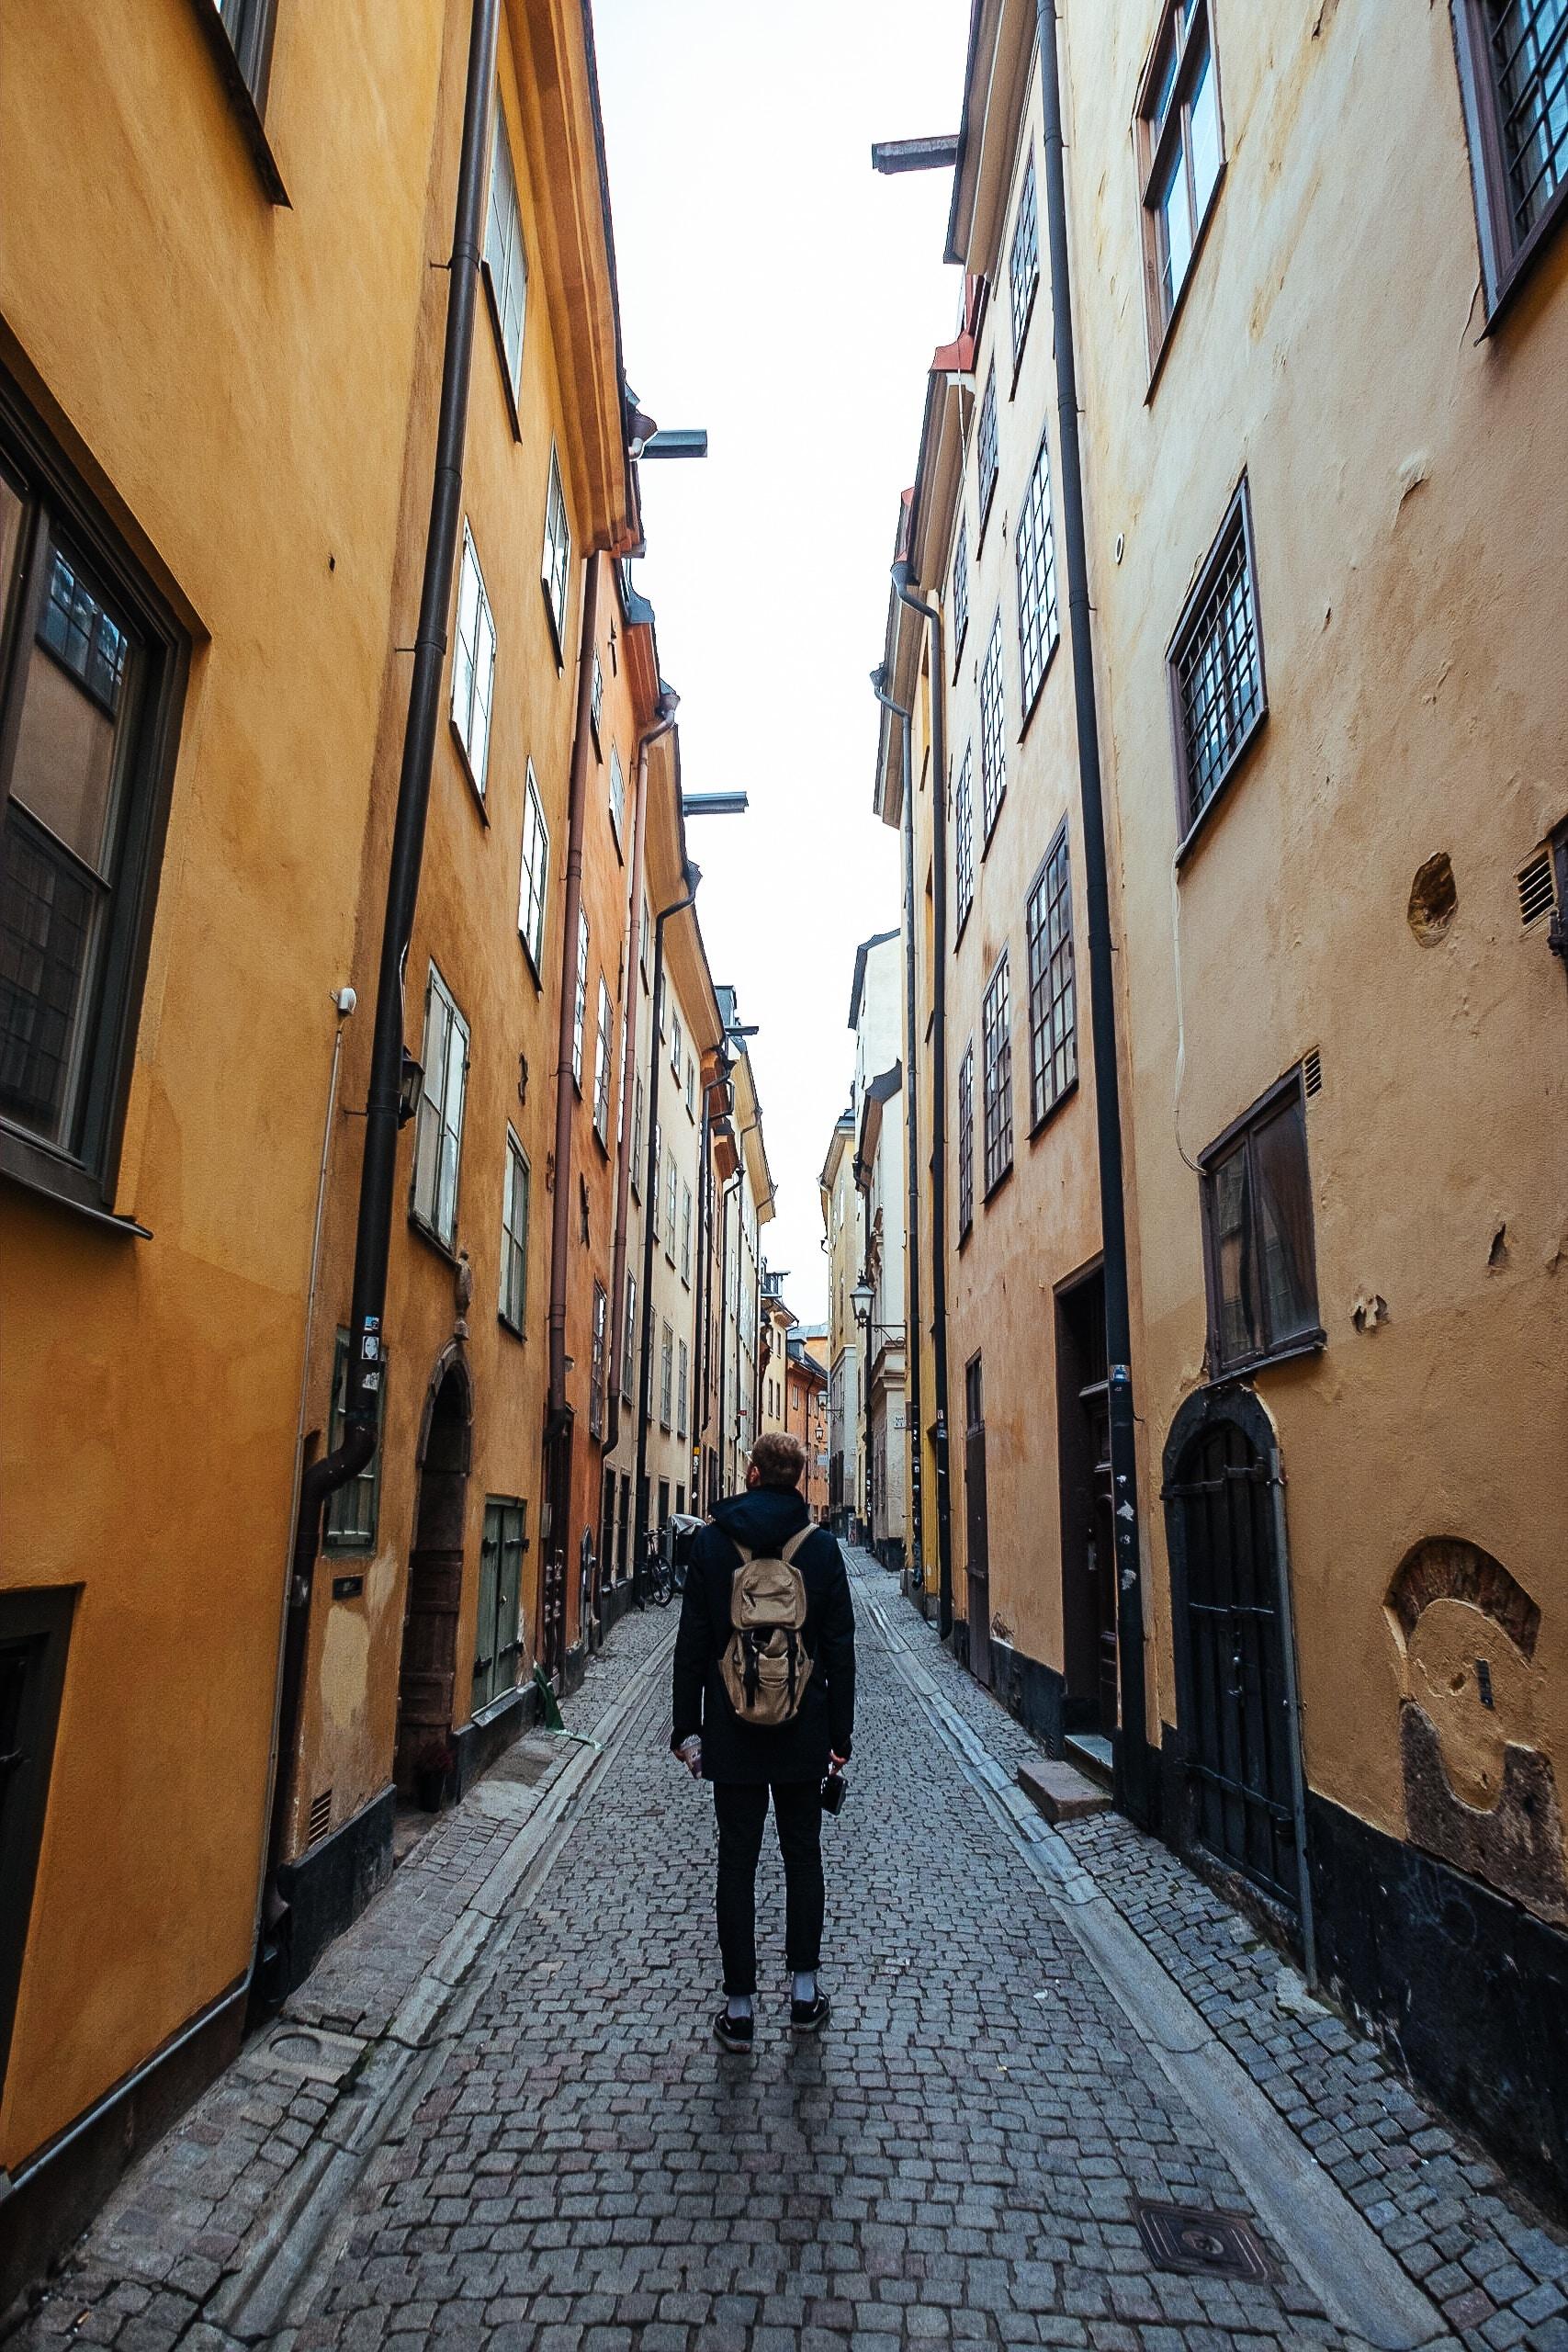 man in black long-sleeved top and brown backpack walking on street